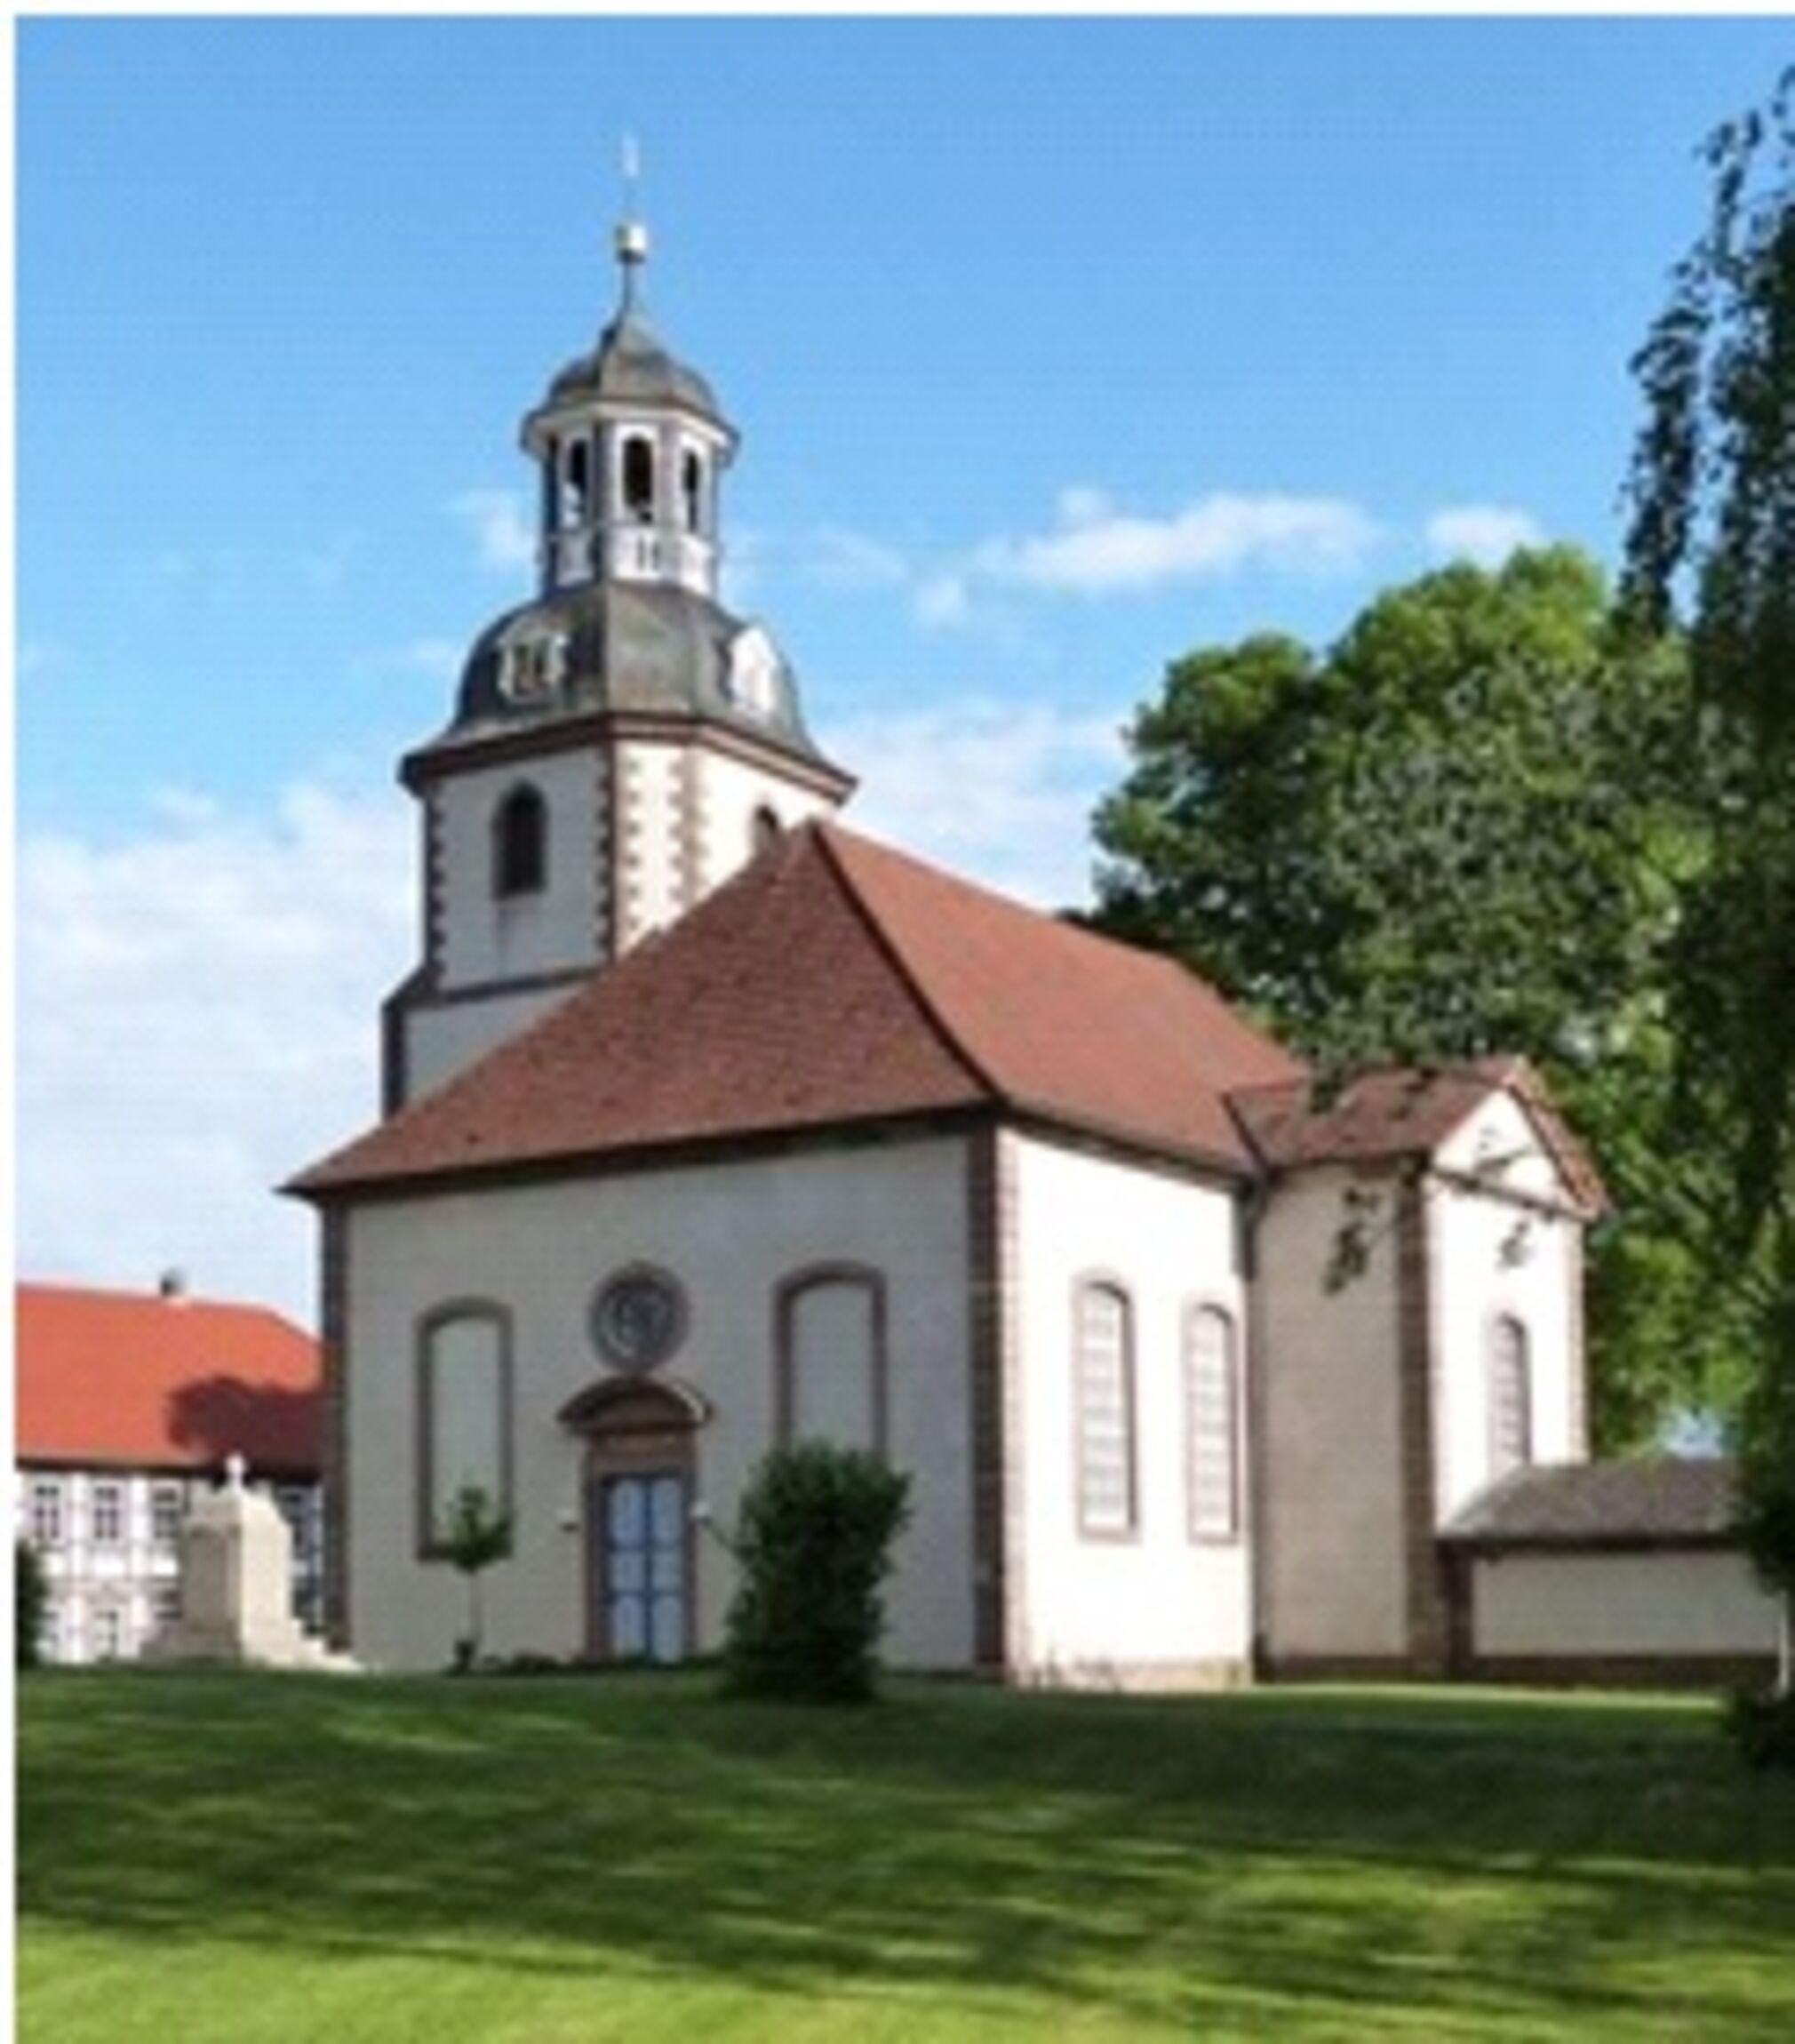 St. Marcus-Kirche Imbshausen